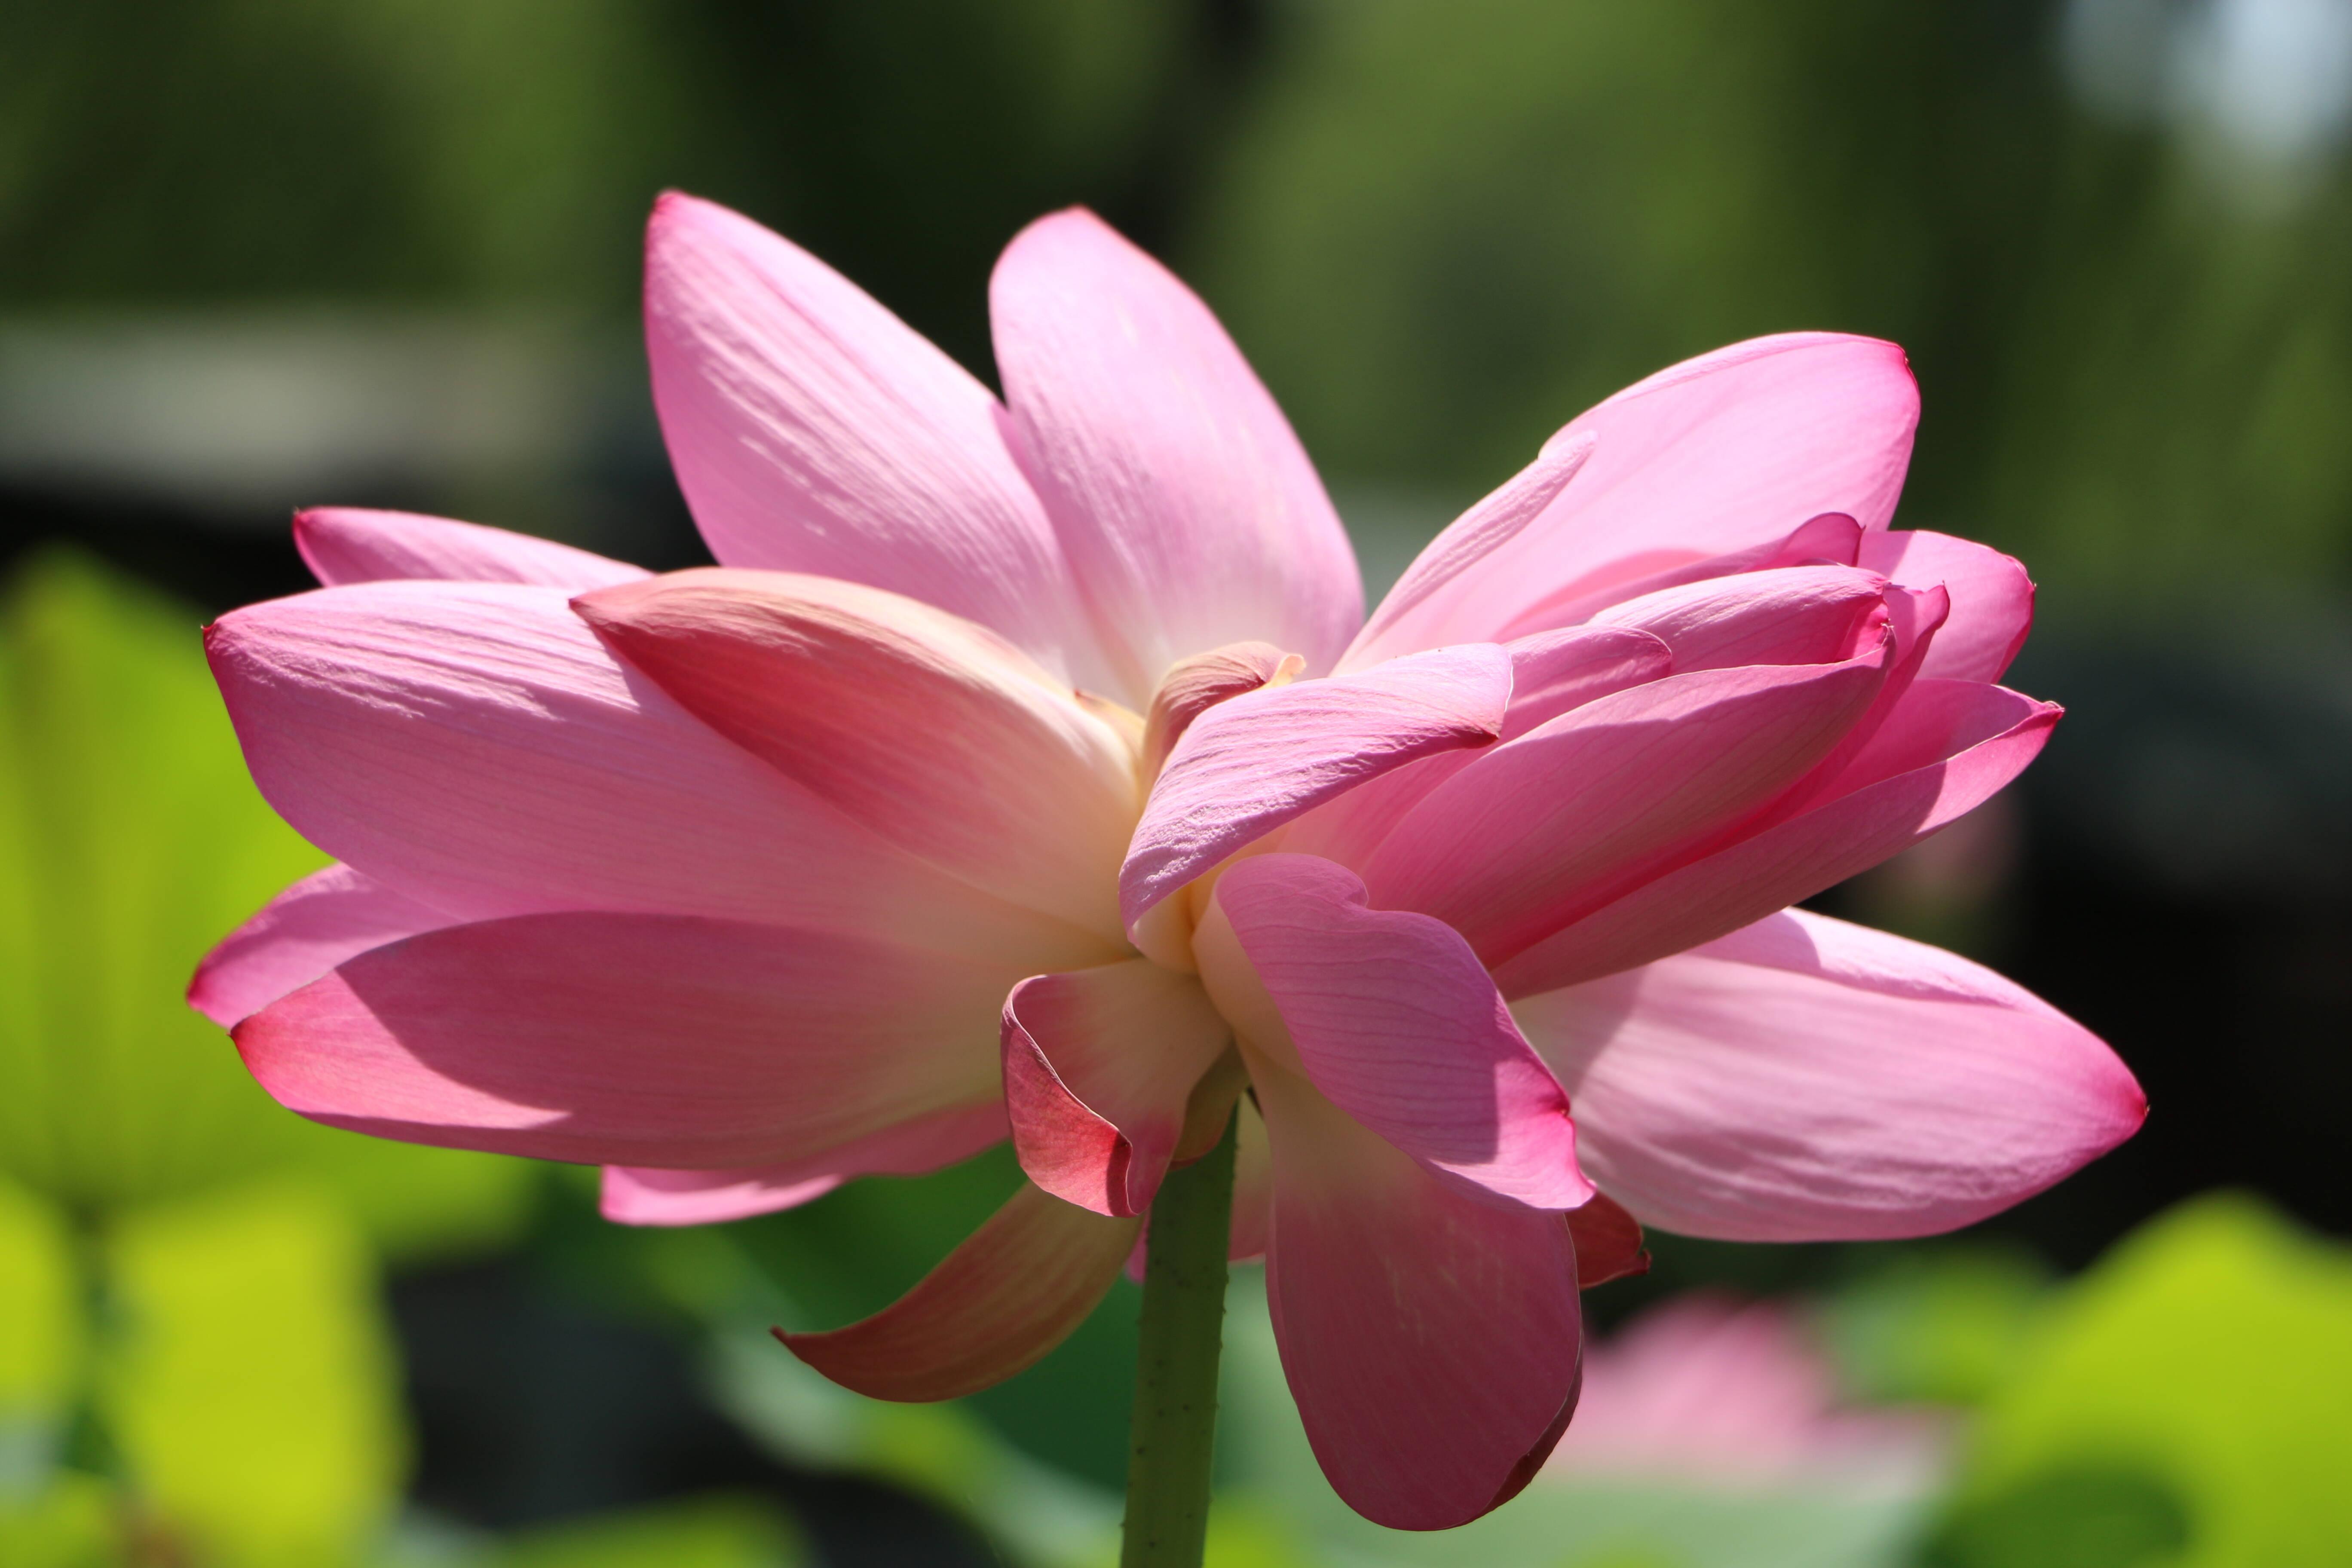 影像力|一夜之间并蒂莲娇美绽放 两抹粉红妆点济南大明湖畔夏日风光